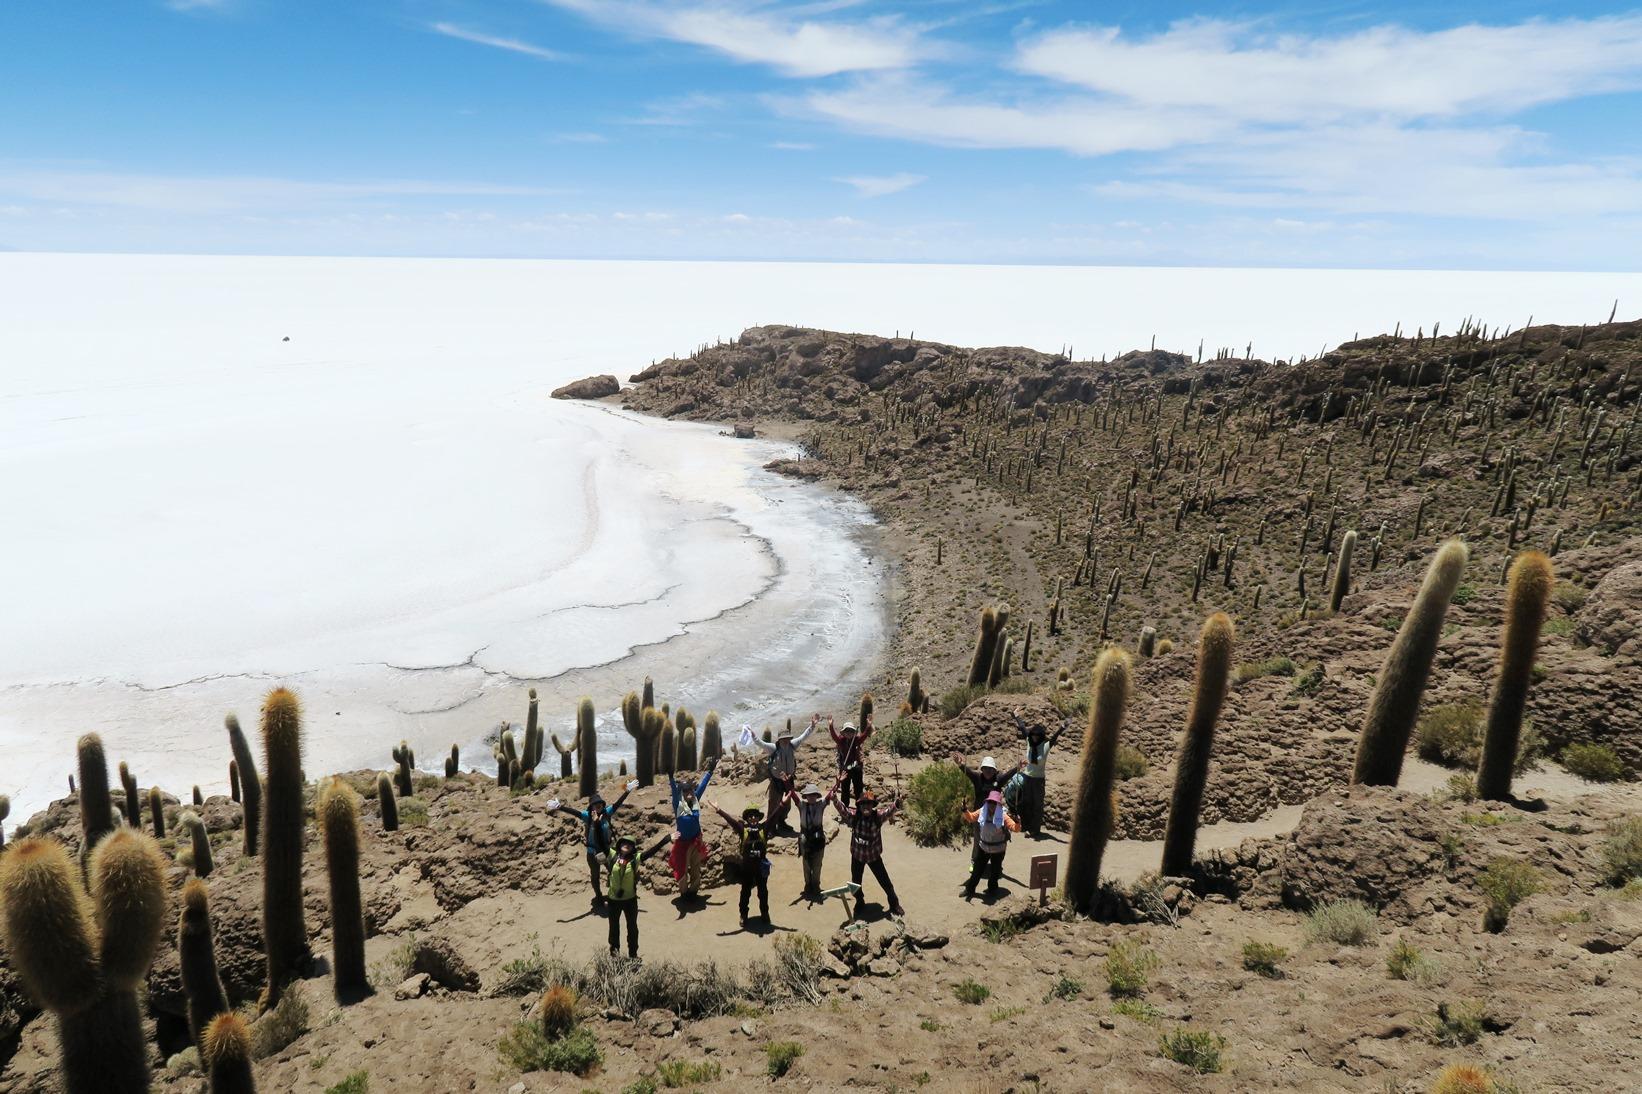 ウユニ塩湖のまん中にあるインカ・ワシ島